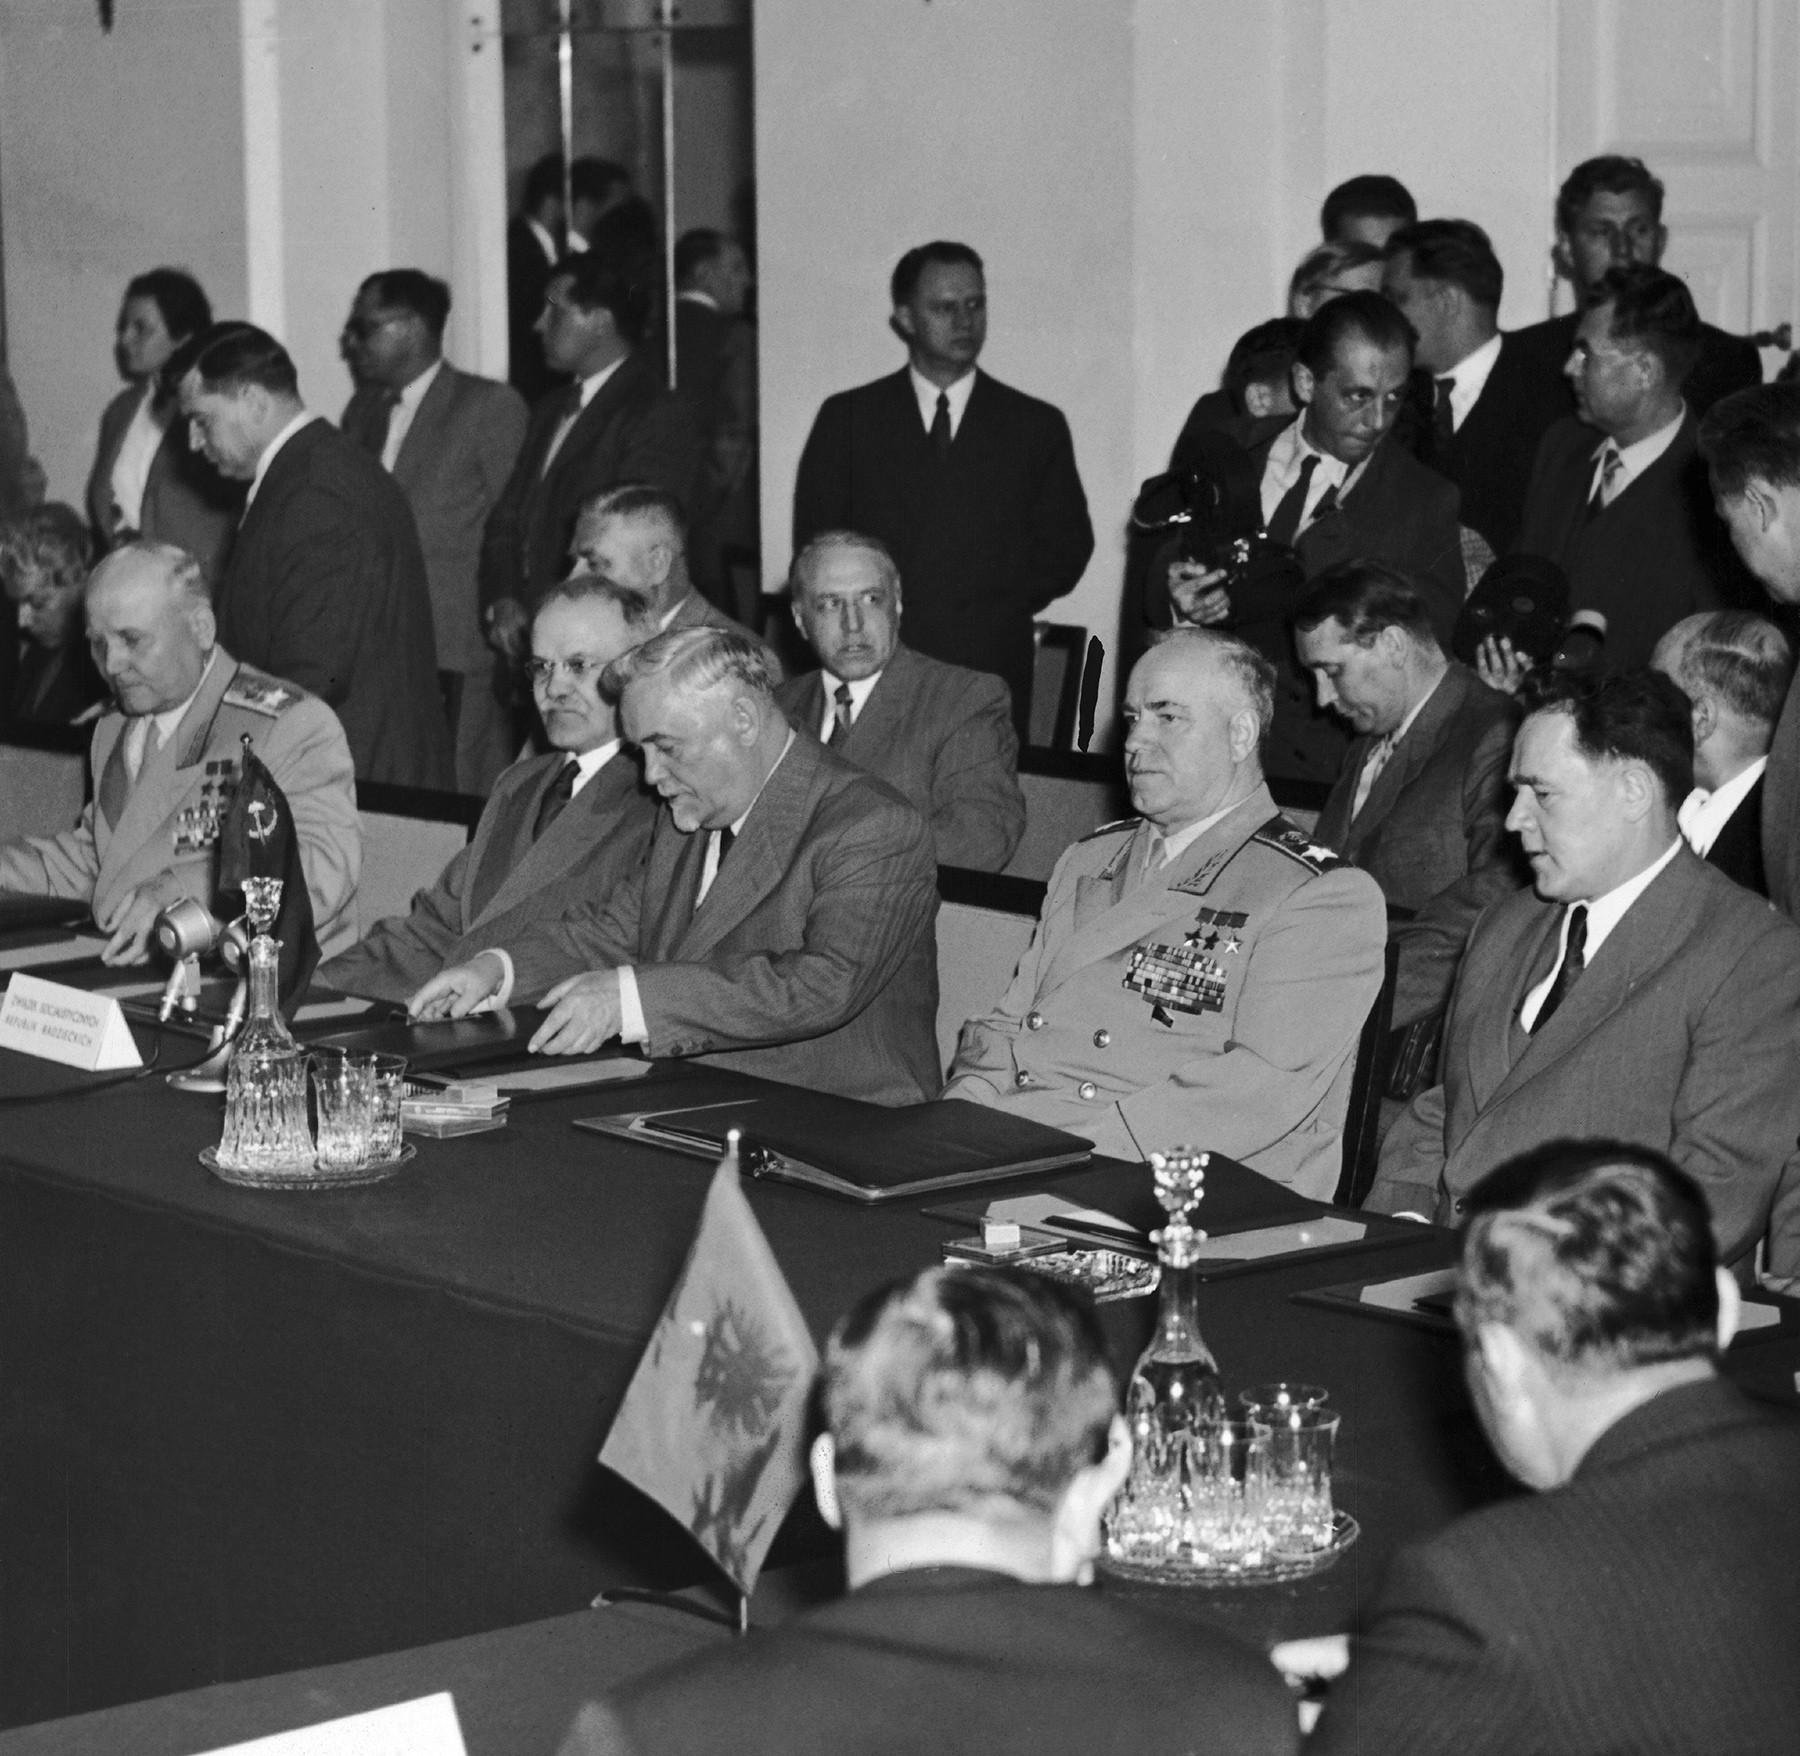 Representantes de los países socialistas durante la firma del Pacto de Varsovia, el 14 de mayo de 1955.